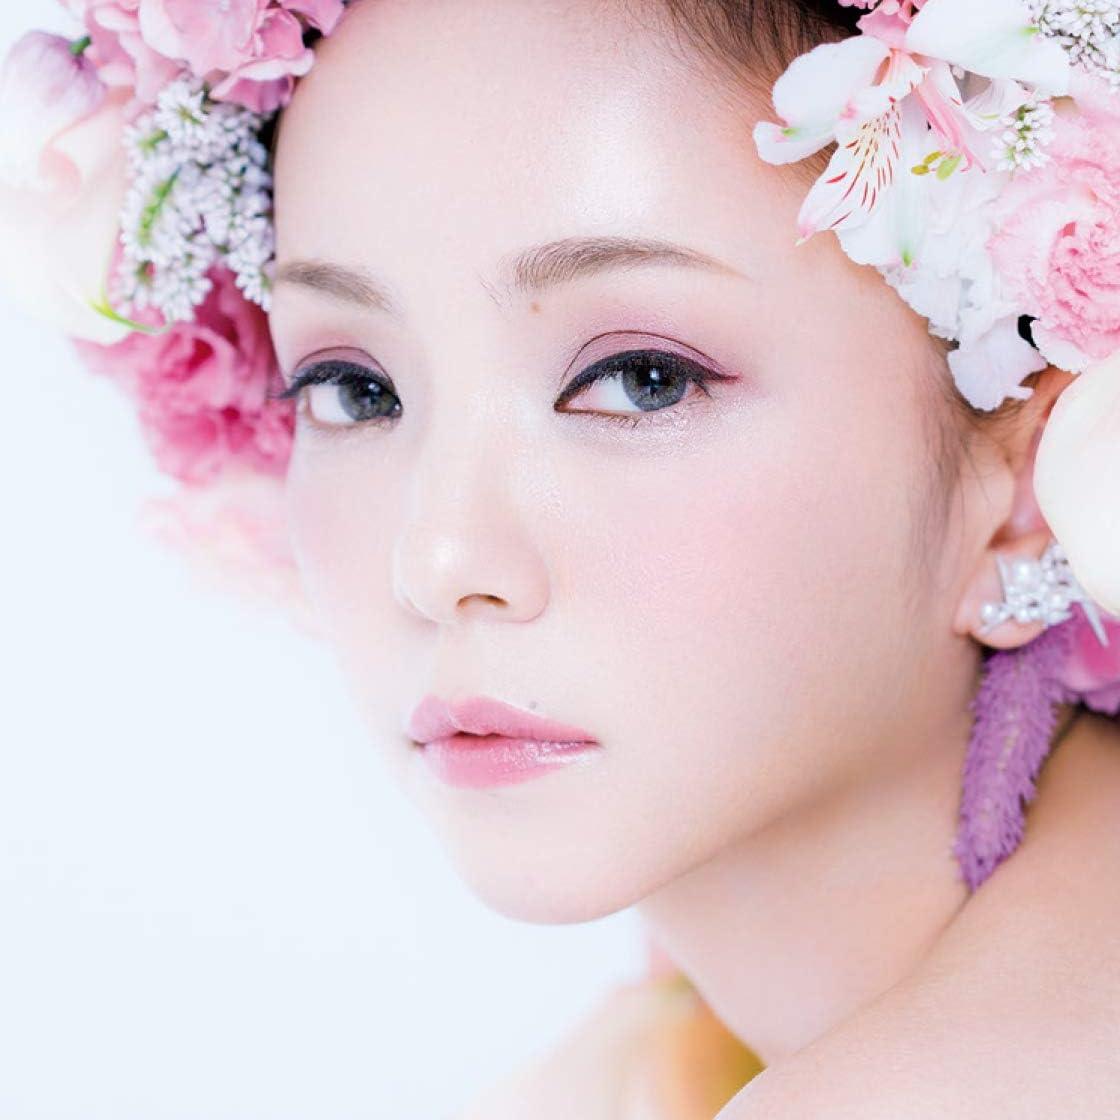 安室奈美恵 Ipad壁紙 Sweet スウィート 2018年 10月号 女性タレント